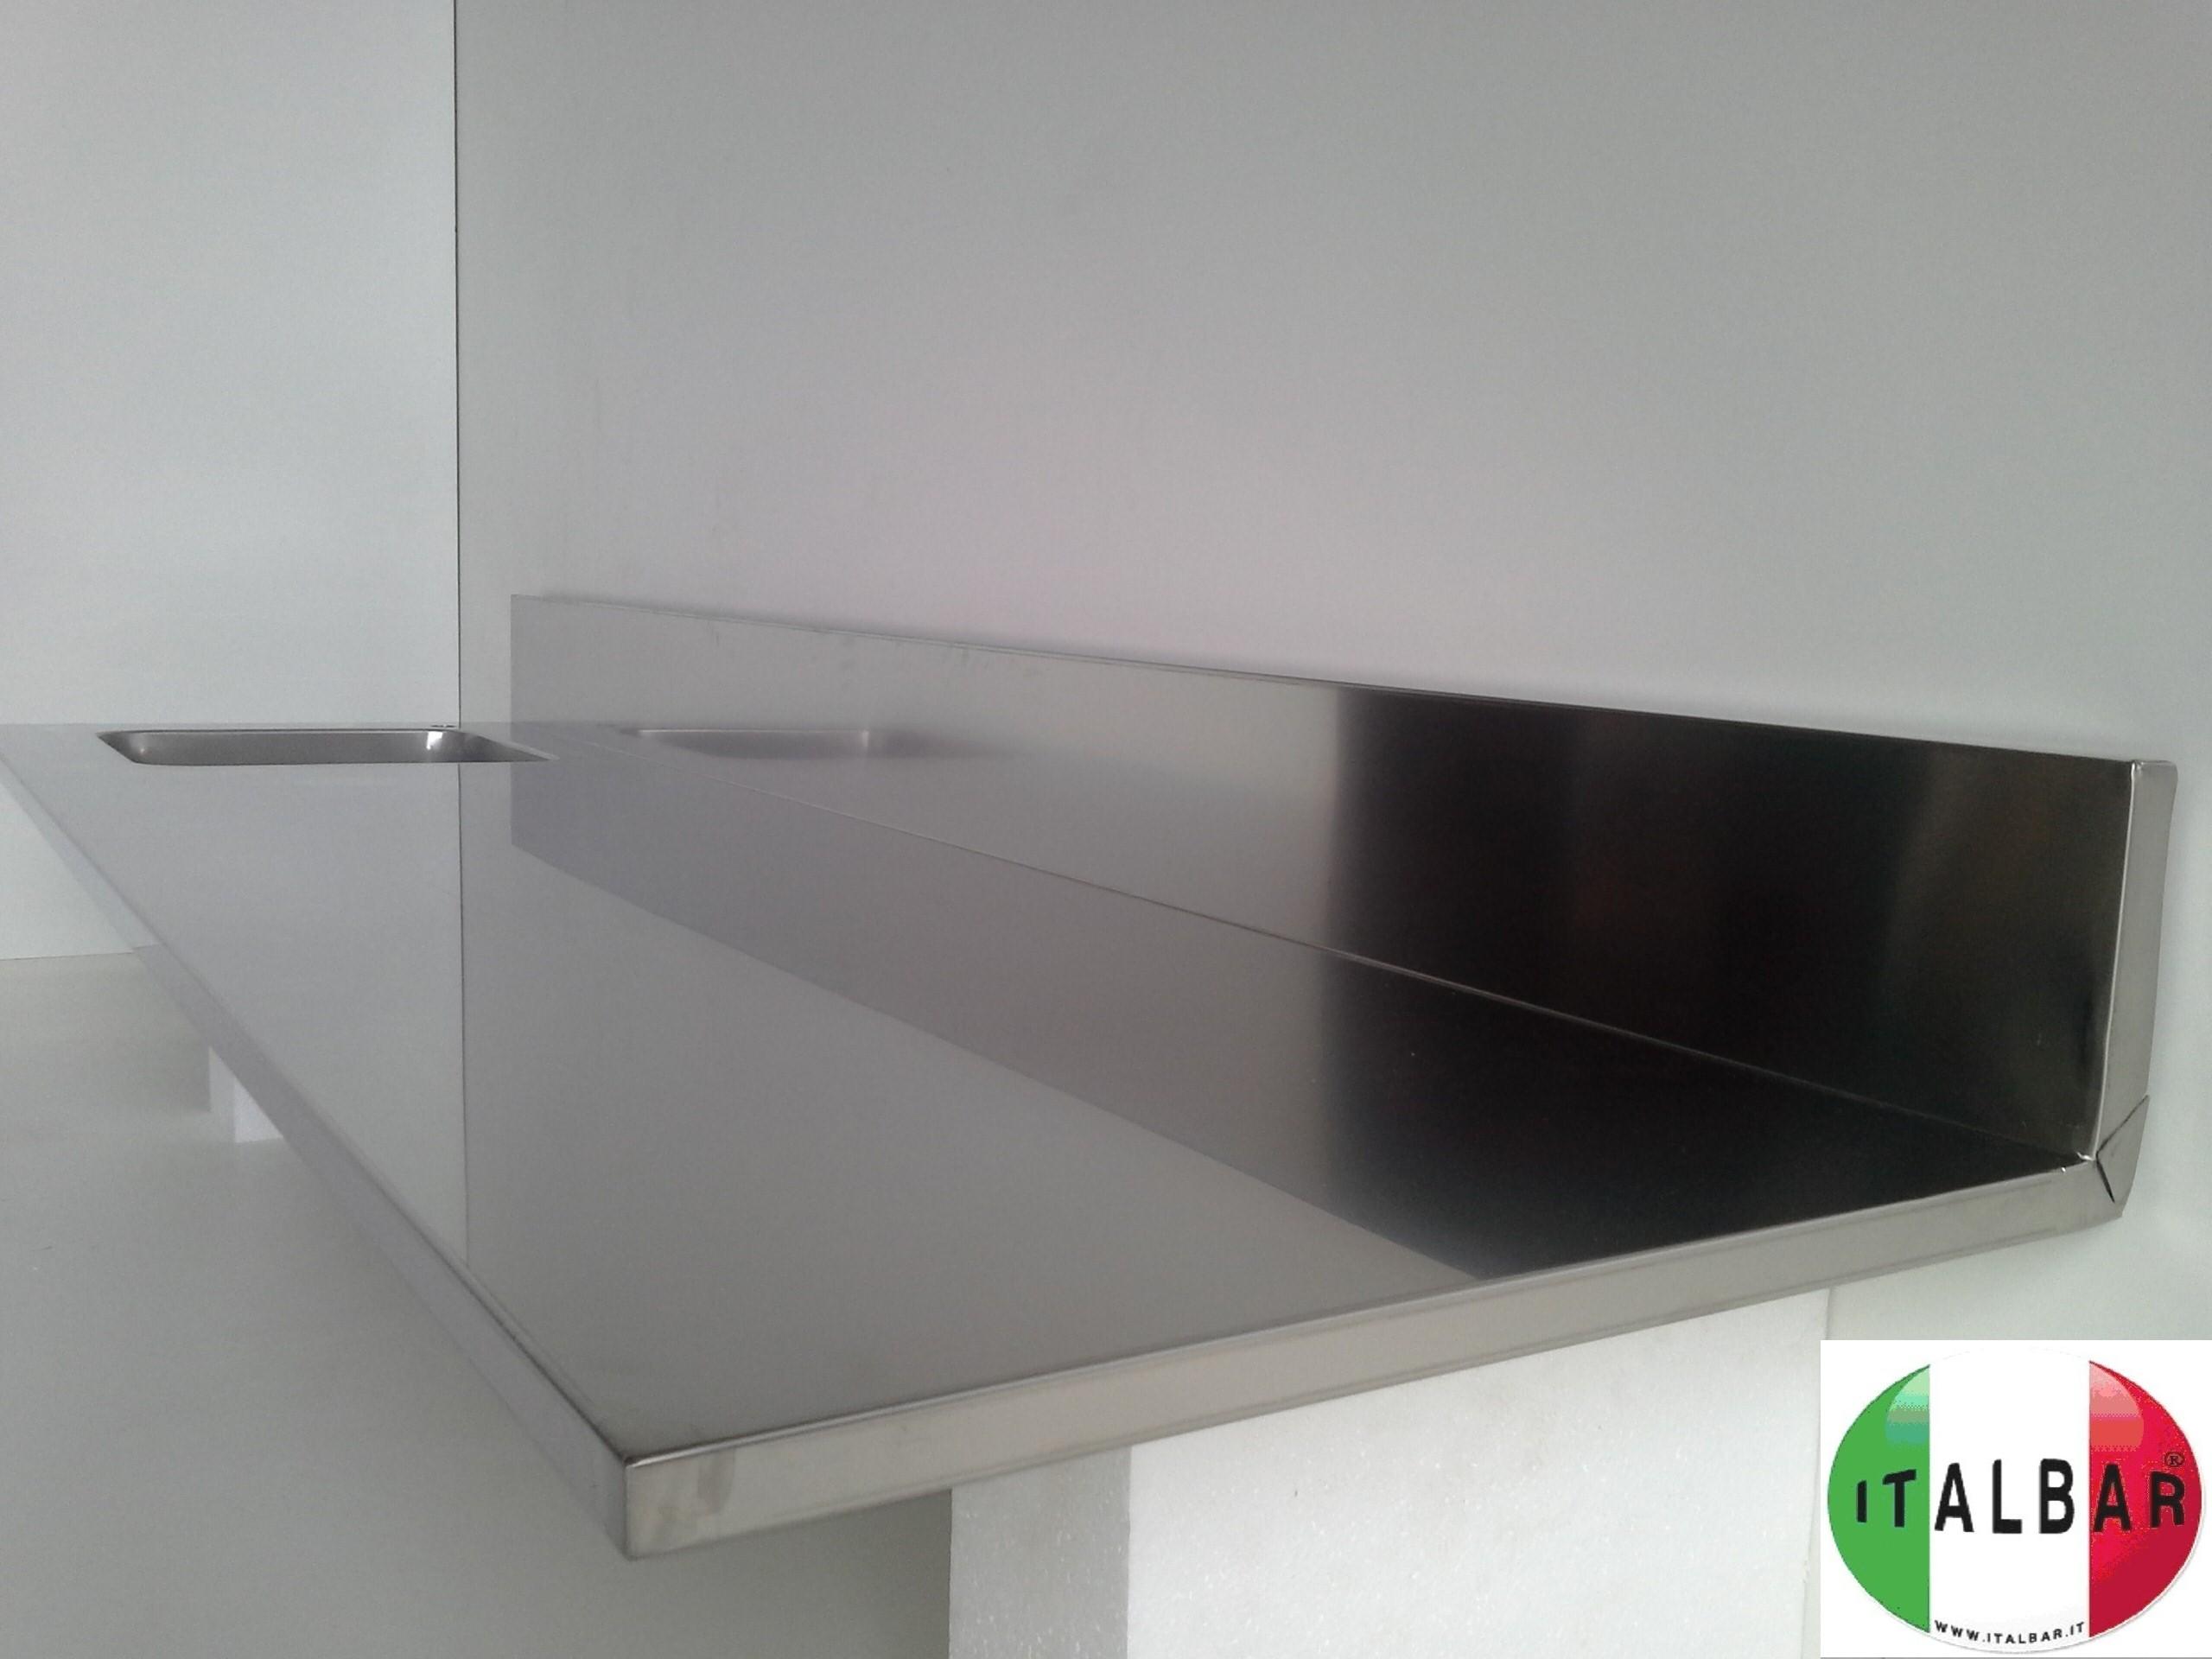 Banchi bar produttori banchi bar grezzi e rivestiti banco bar in pronta consegna workstation - Alzatina cucina acciaio ...